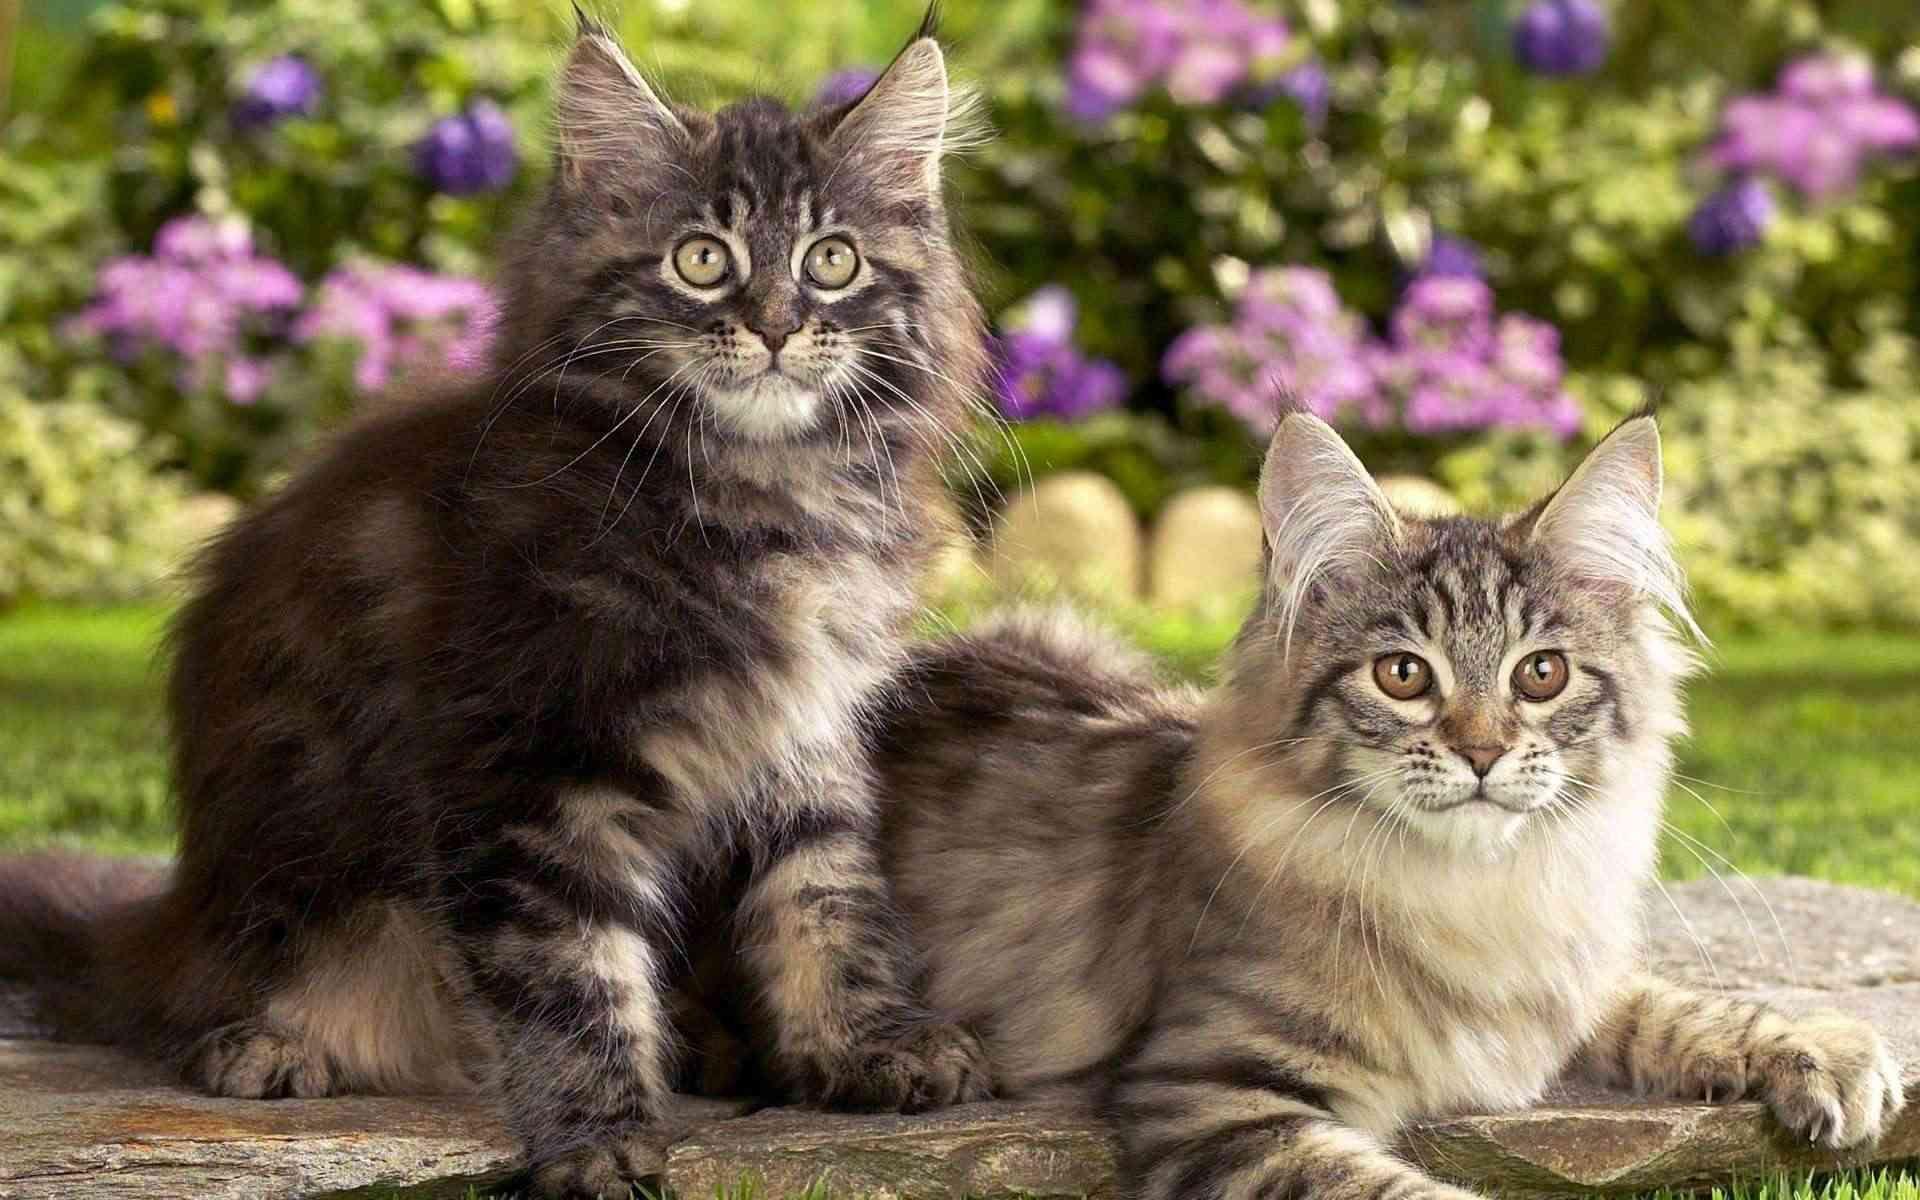 Laba W27 Jpg Servimg Com Hebergeur Gratuit D Images En 2020 Photo Chat Belles Photos De Chats Animales